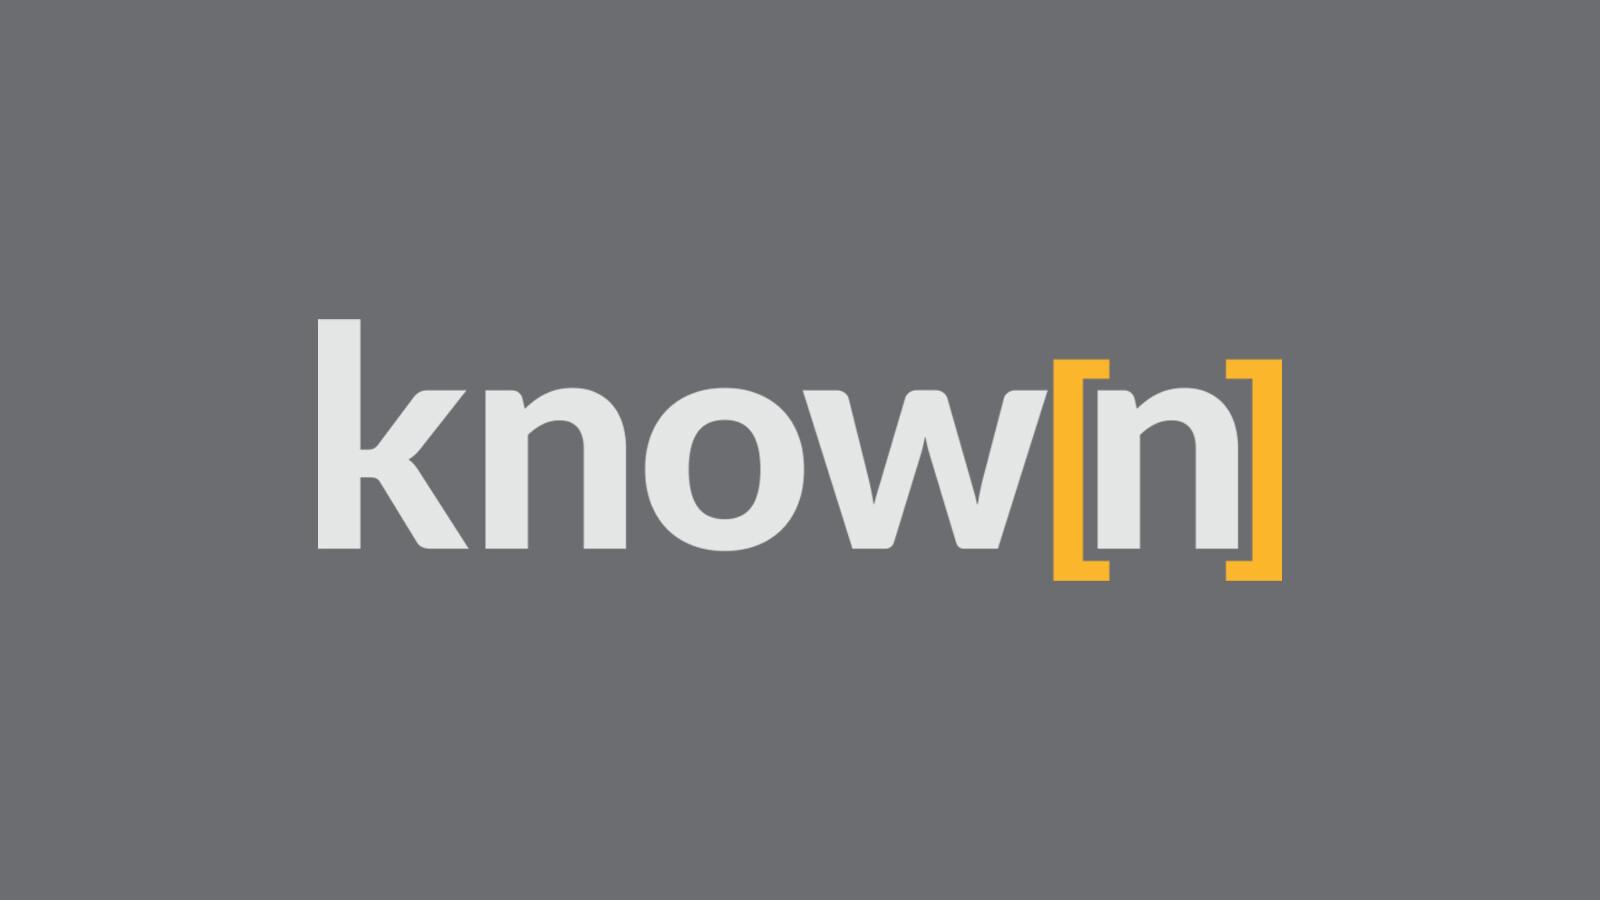 know[n]